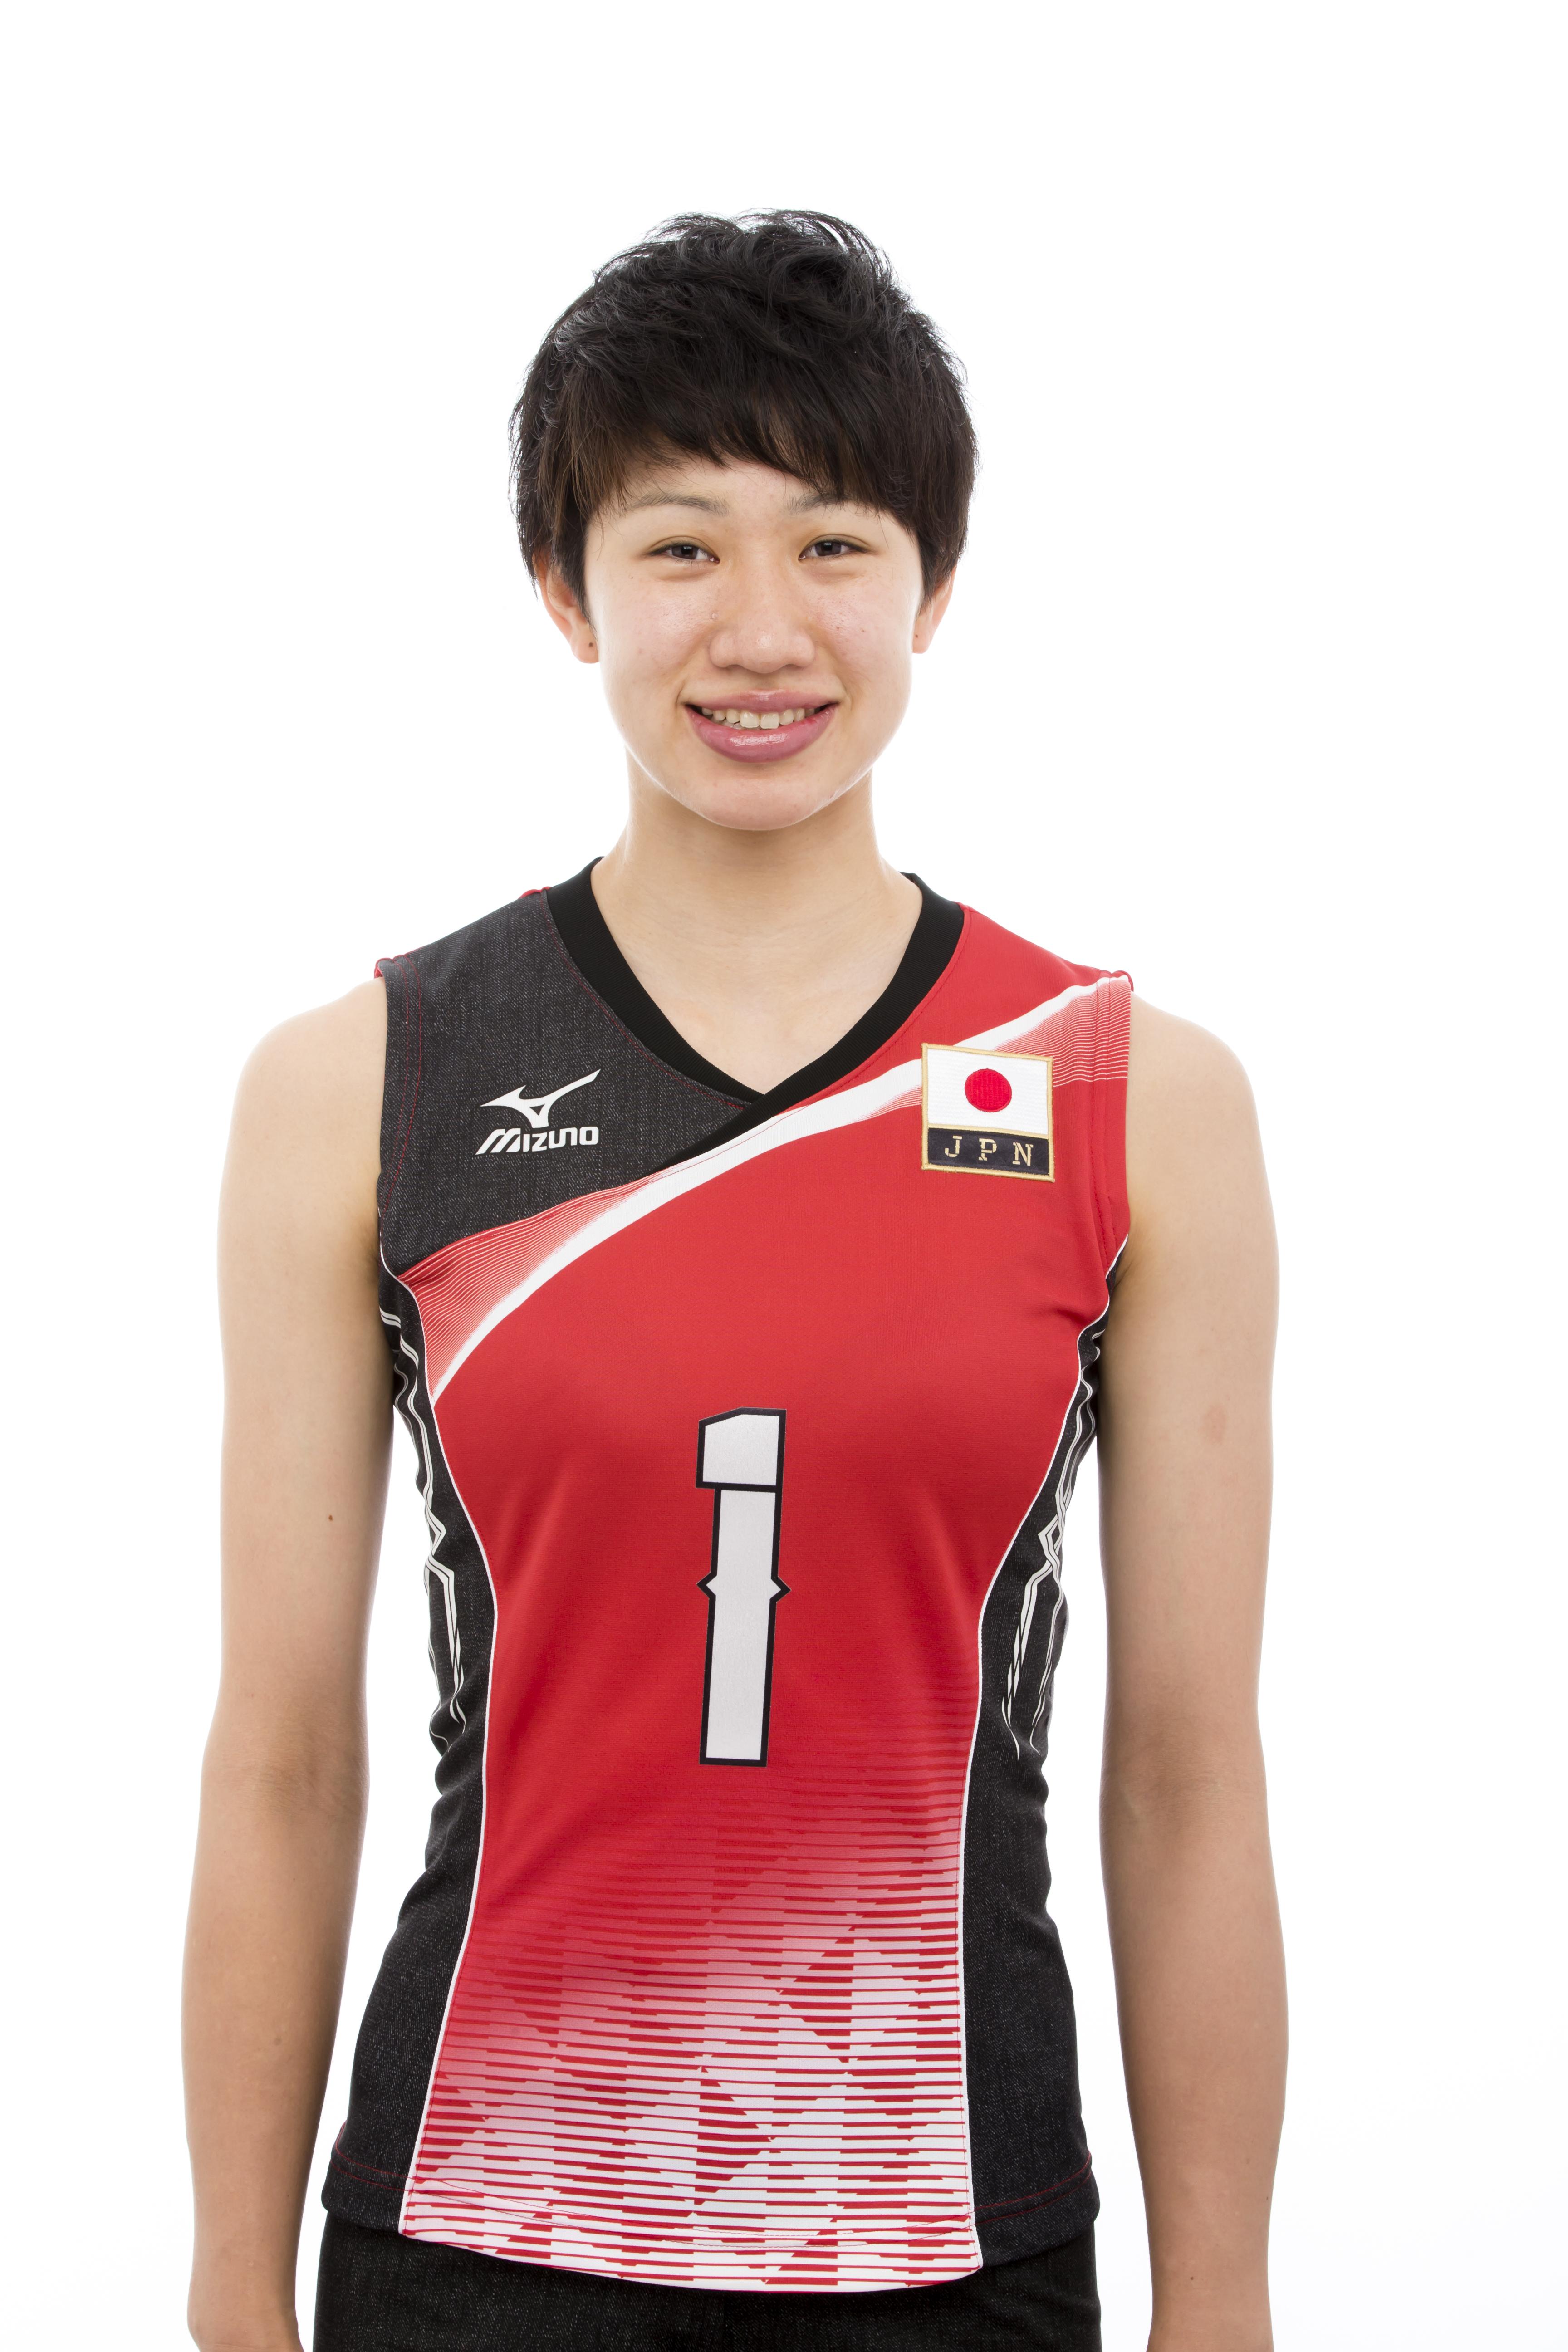 Miyu Nagaoka